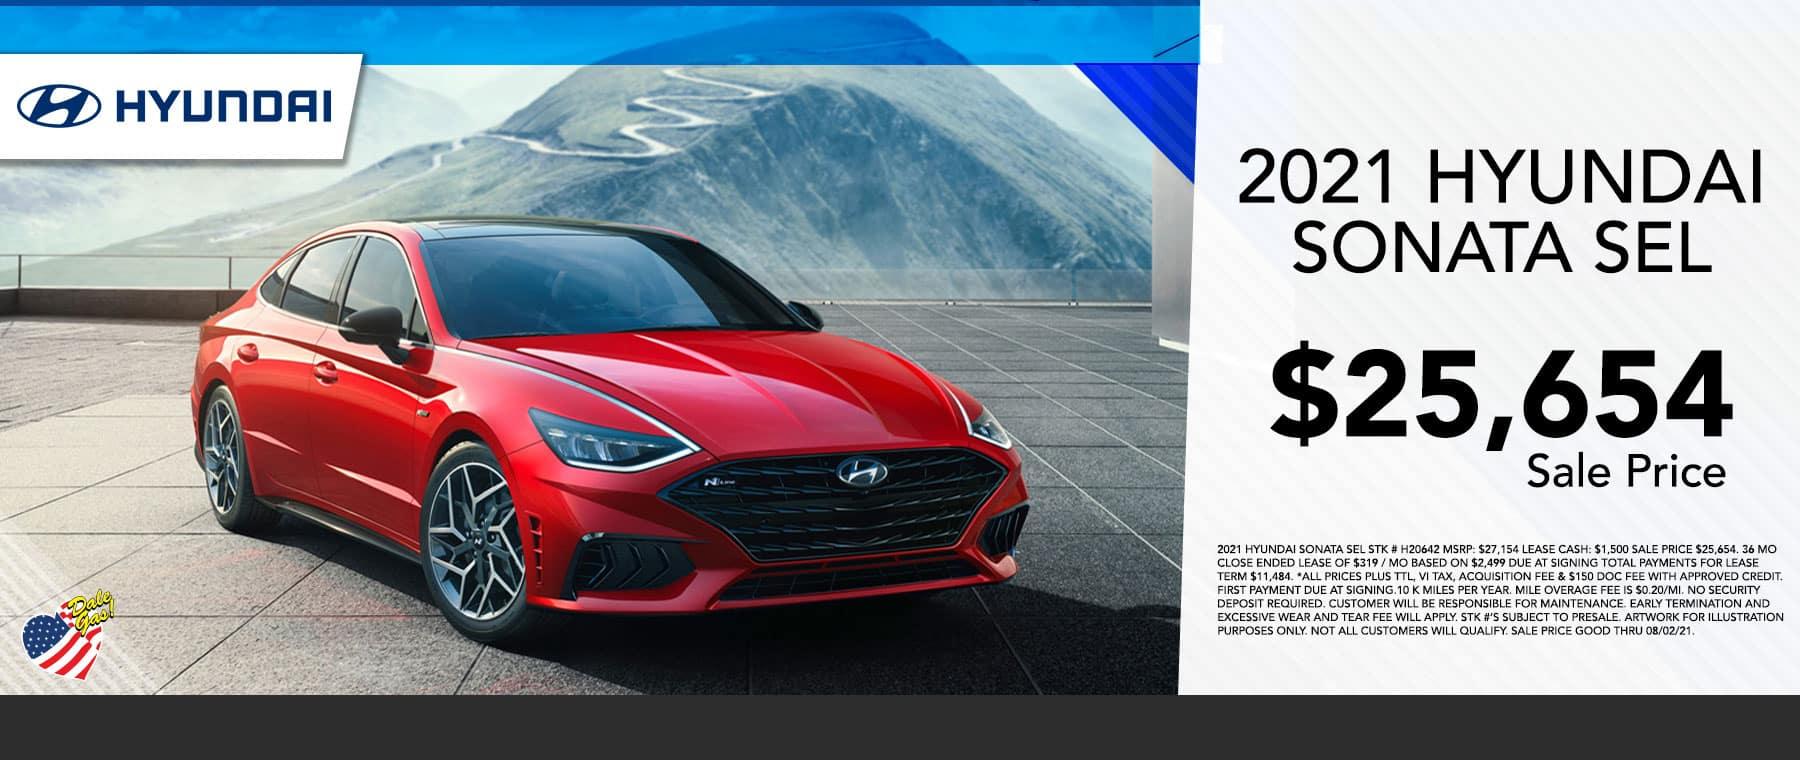 2021_Hyundai_Sonata